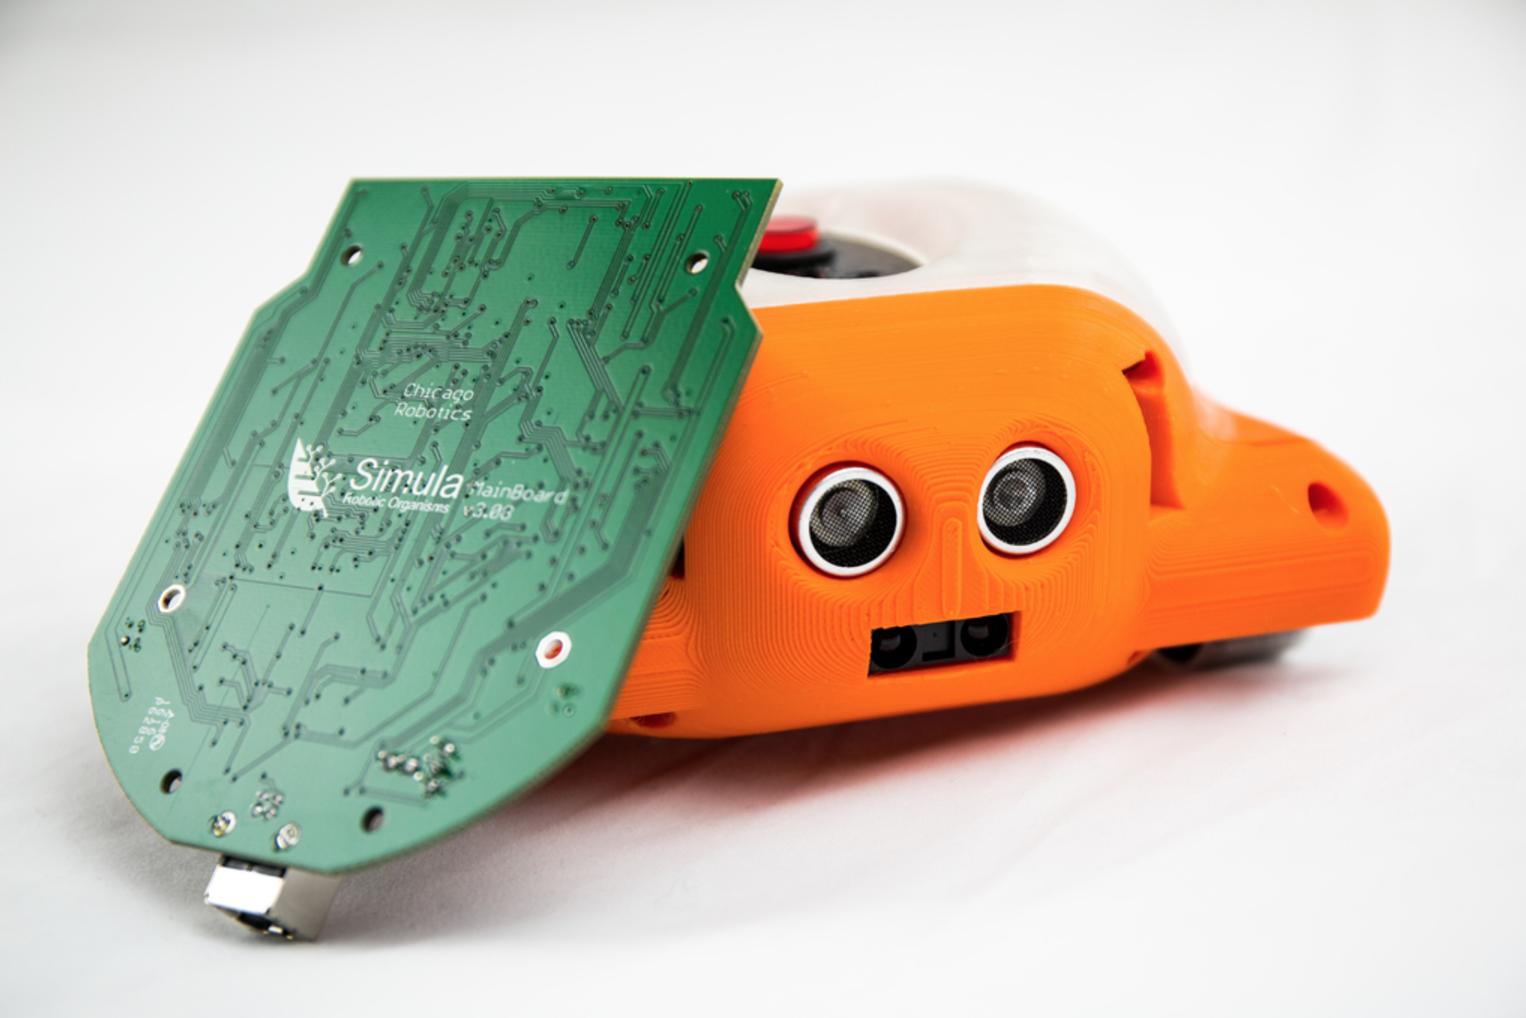 Capture d'écran 2017-07-26 à 13.56.23.png Download free STL file Simula 5 Robot Developers Kit • 3D printable model, JamieLaing